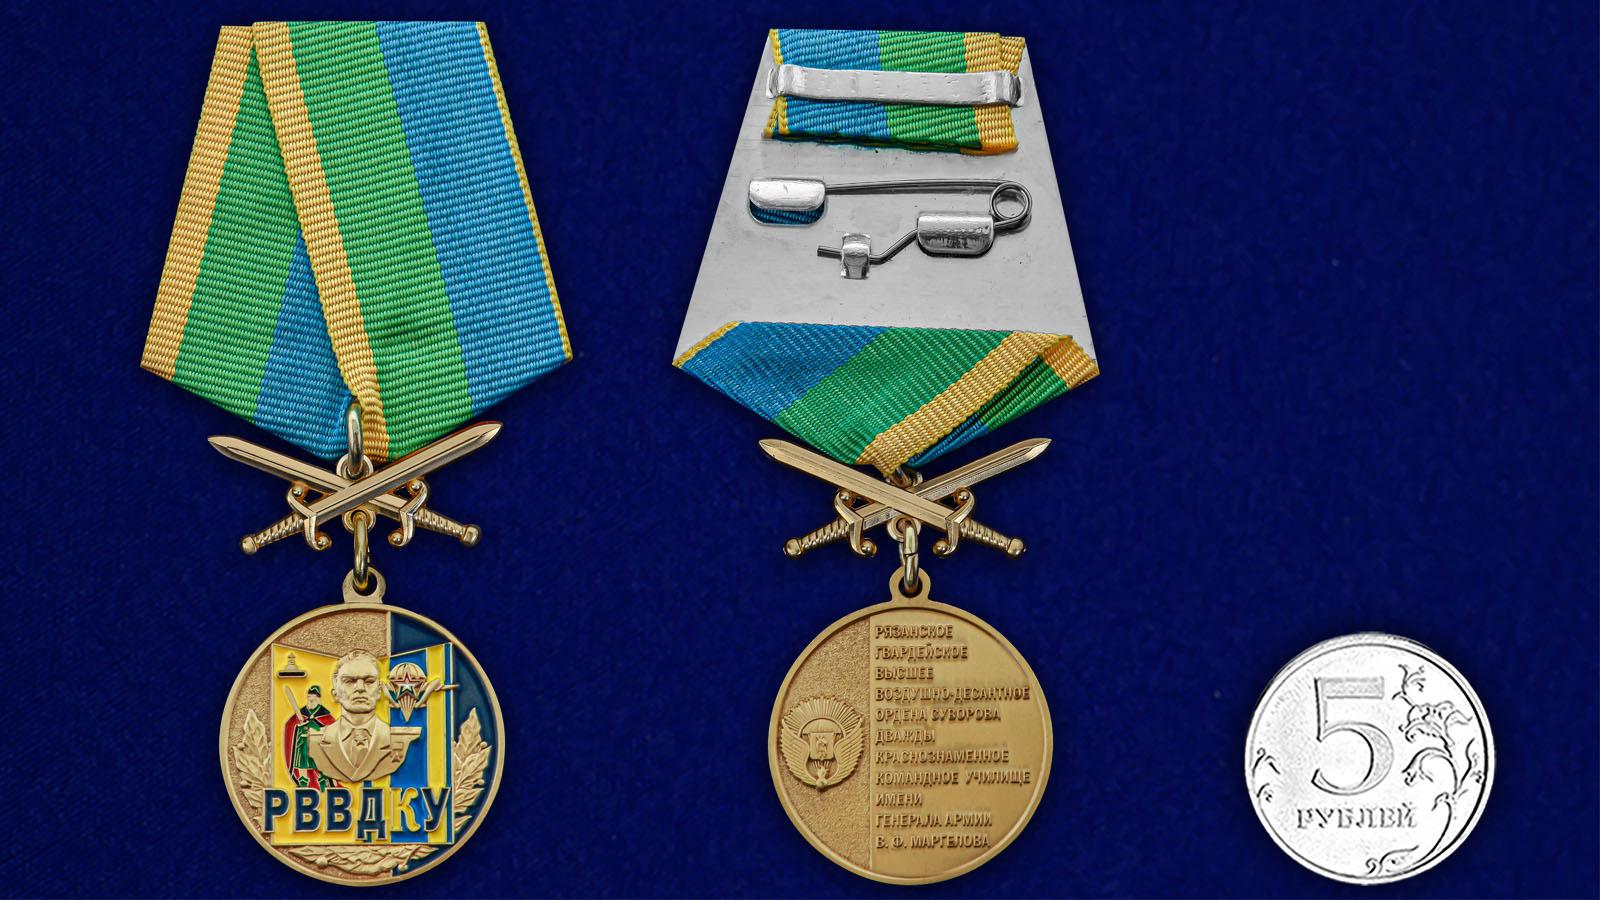 Медаль РВВДКУ - сравнительный размер